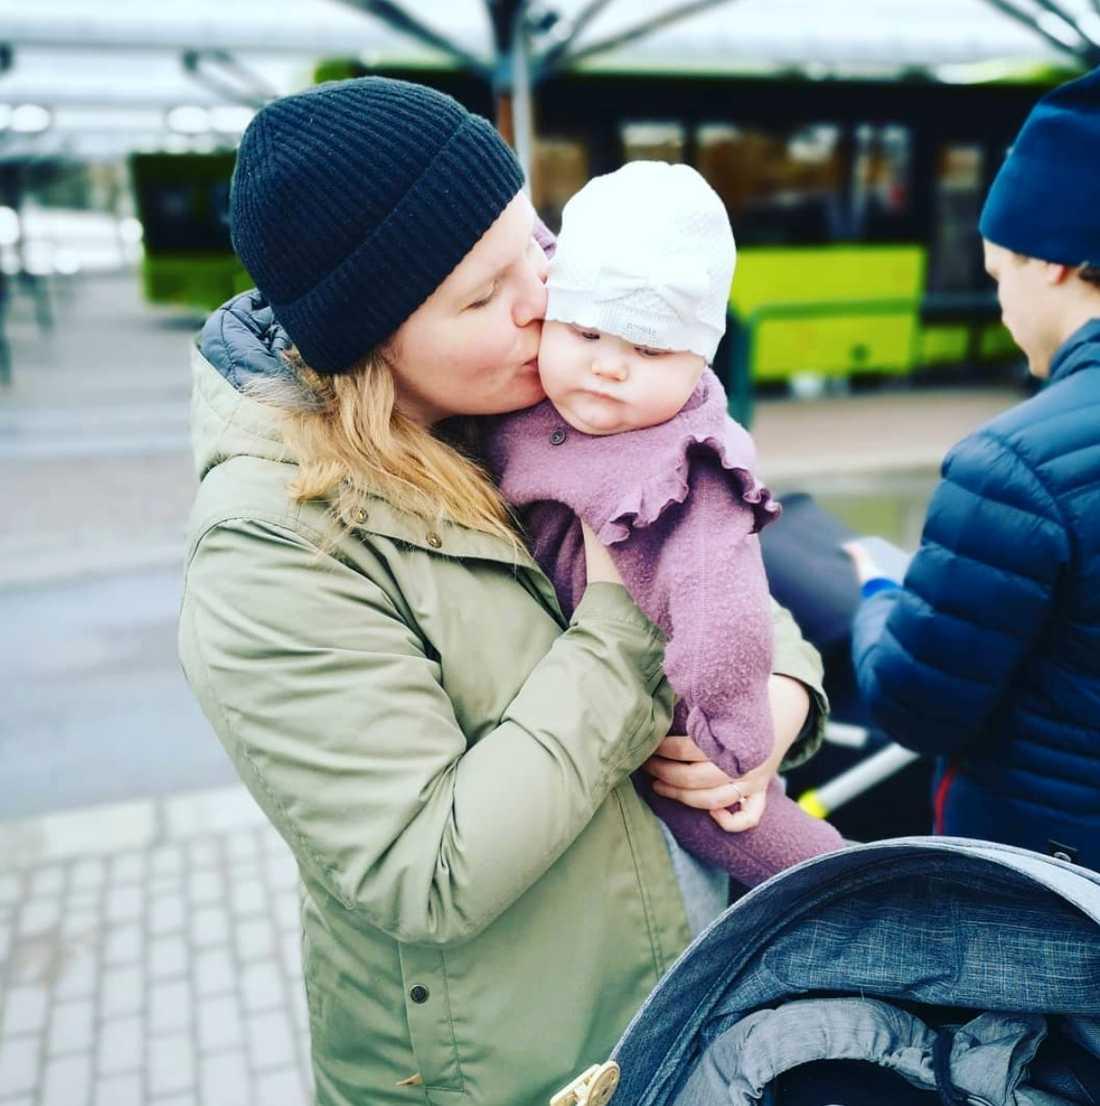 Nu skriver hon om sin förlossningsdepression öppet på Instagram för att stötta andra som går igenom liknande situationer och bryta tabun.